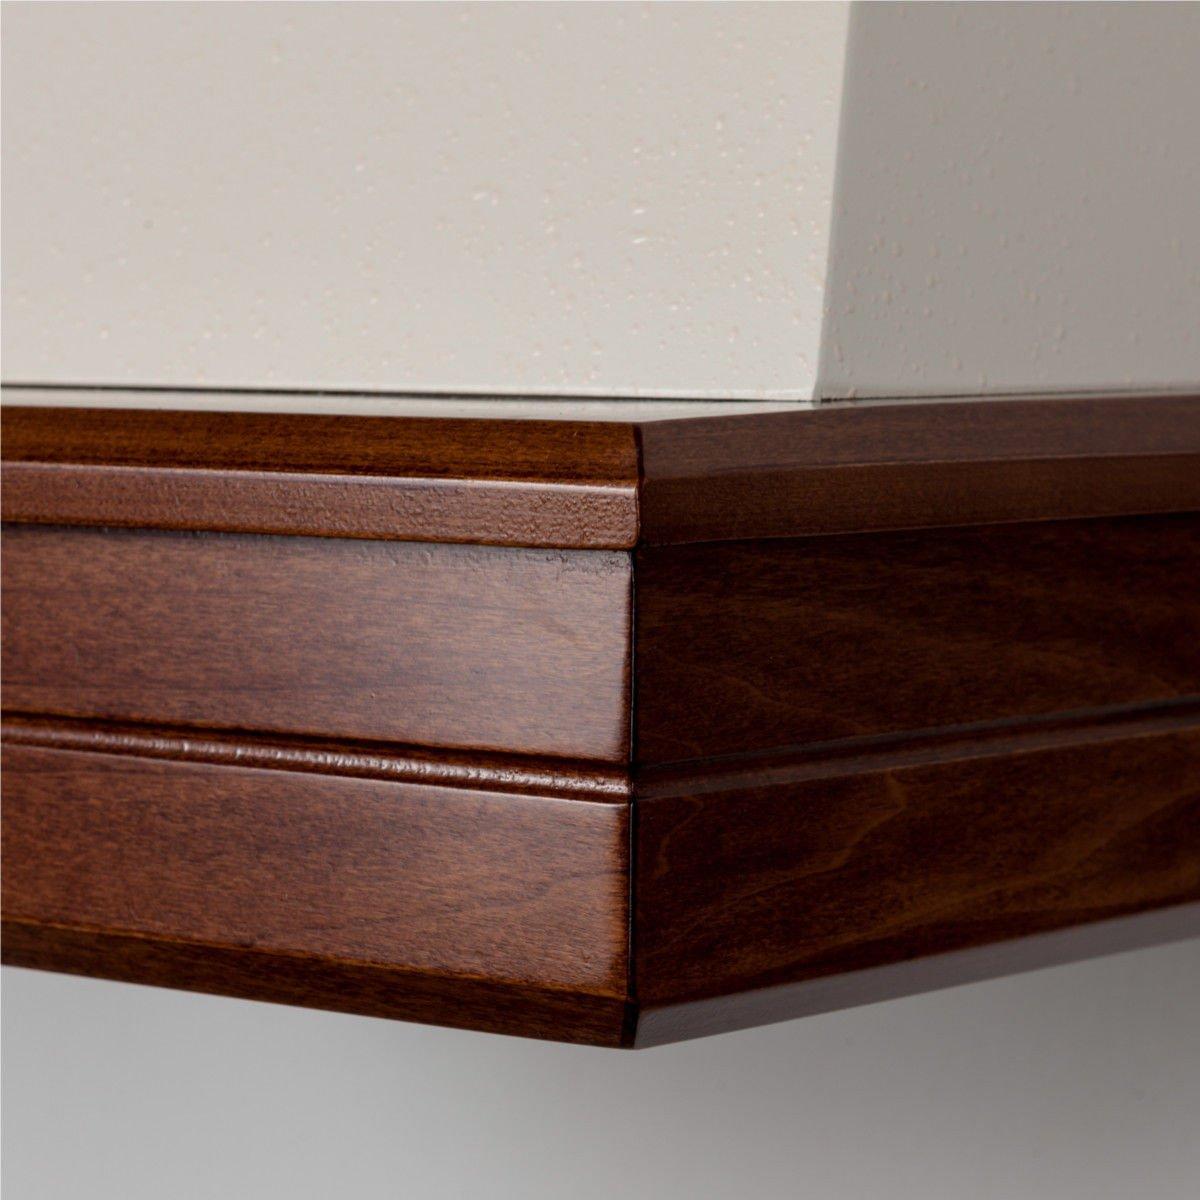 Campana Cocina Rústica madera Mod.Stock 60 de pared, Cono Crema, motor B52 Noce Classico: Amazon.es: Hogar